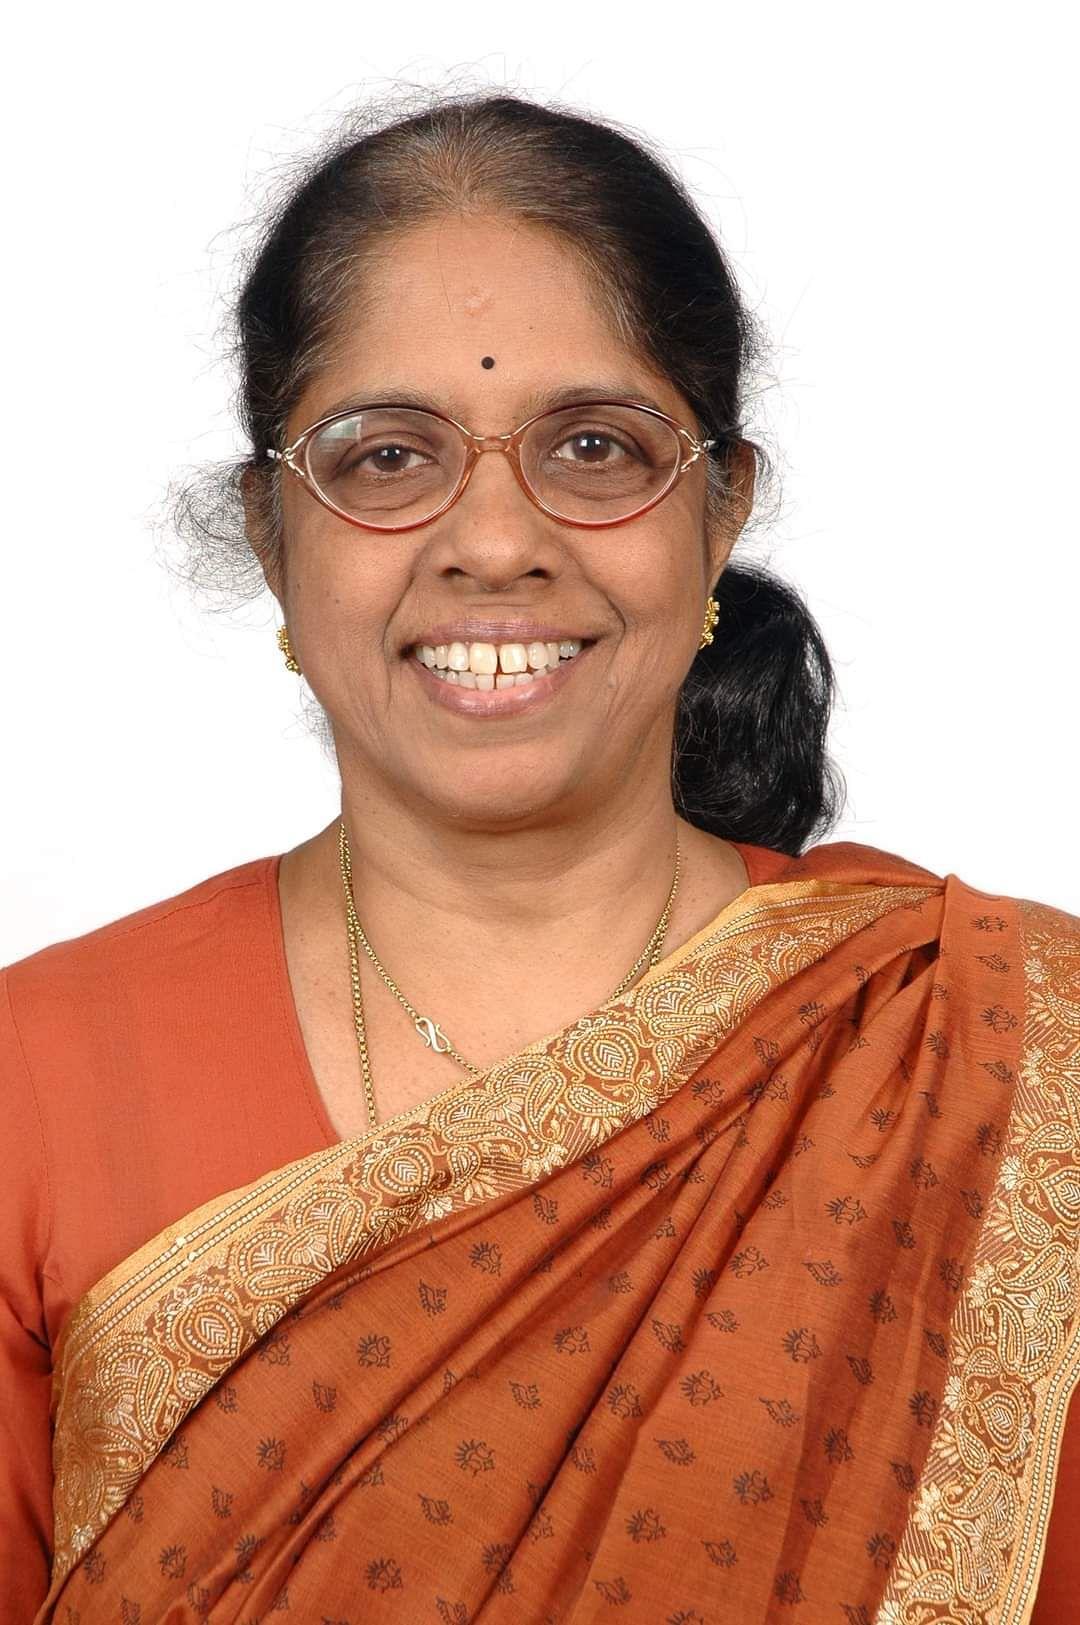 டாக்டர் சரளா கோபாலன்